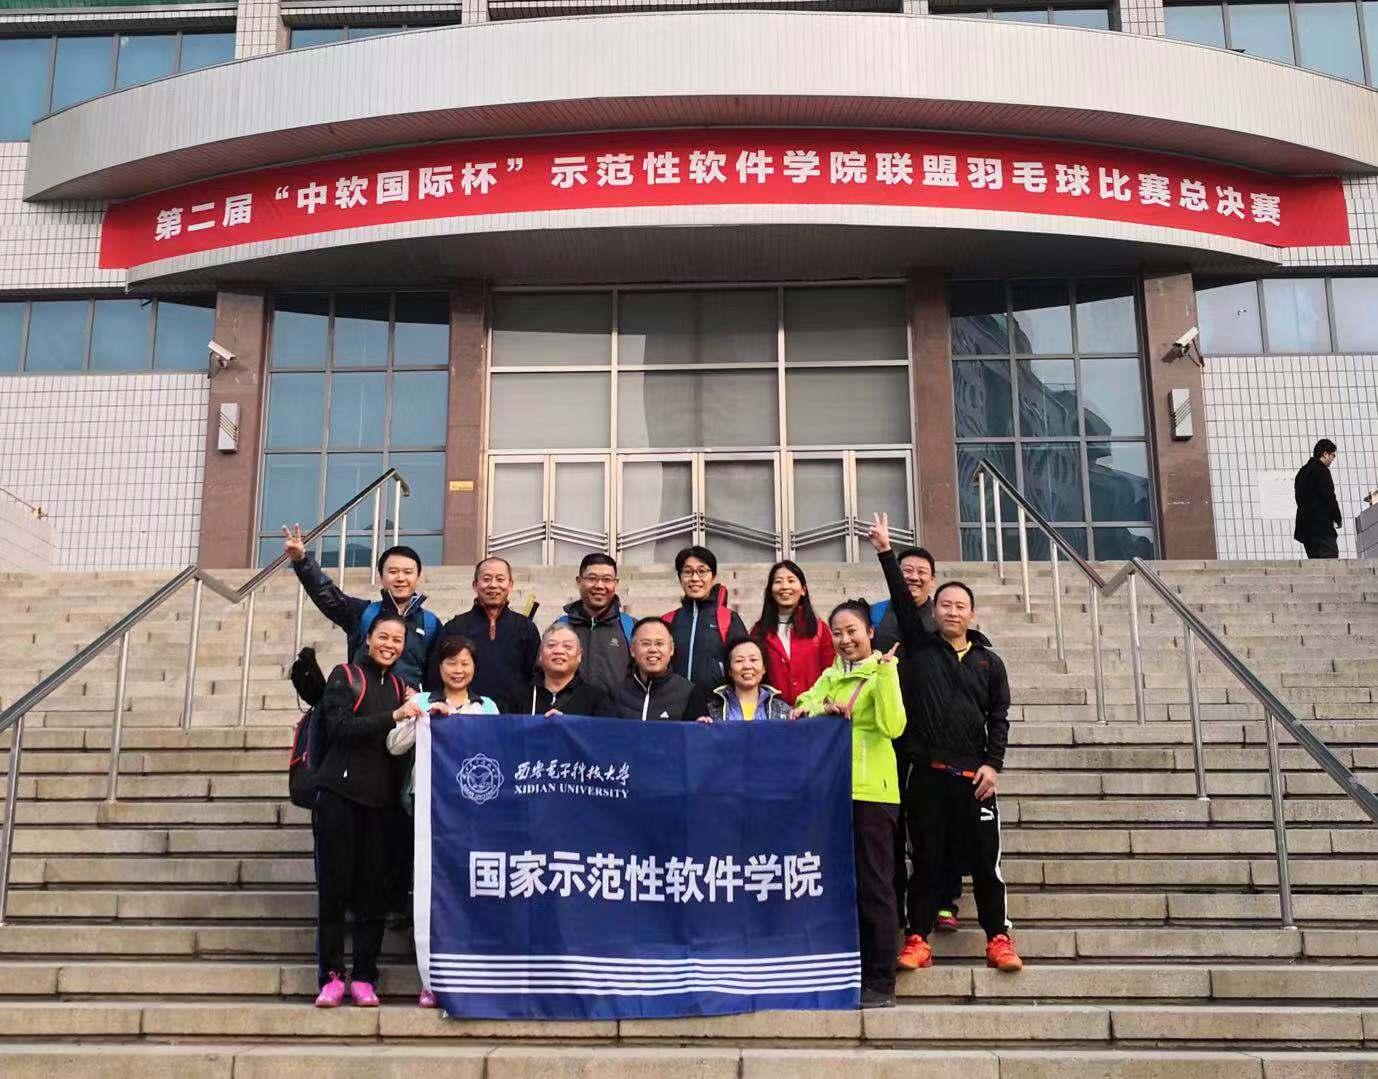 西电在国家示范性软件学院联盟杯教职工羽毛球总决赛中获佳绩